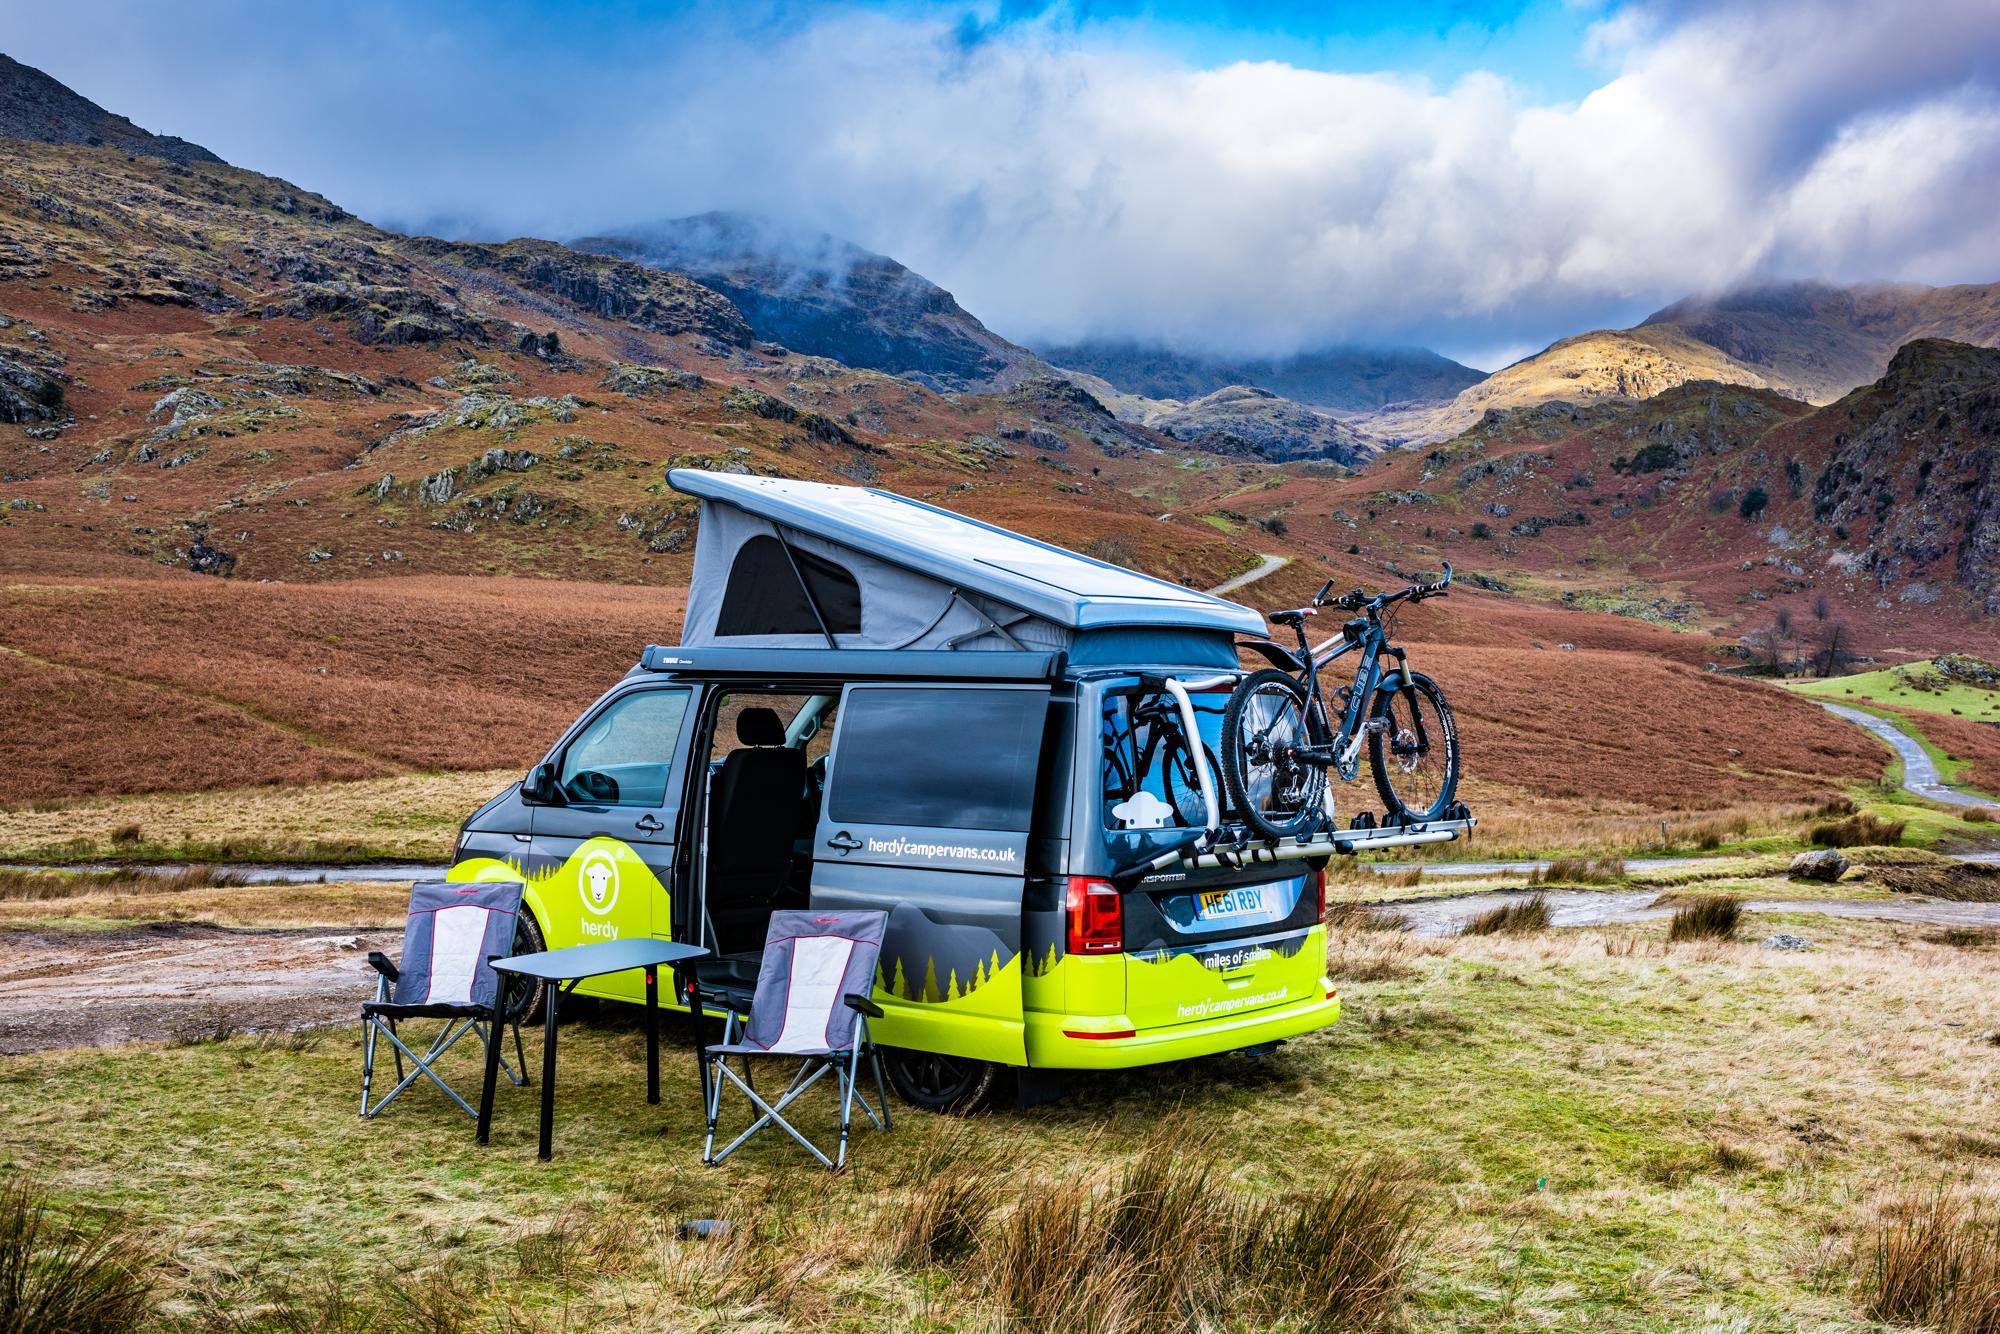 Campervan Hire in Cumbria | Motorhome Rental in Cumbria